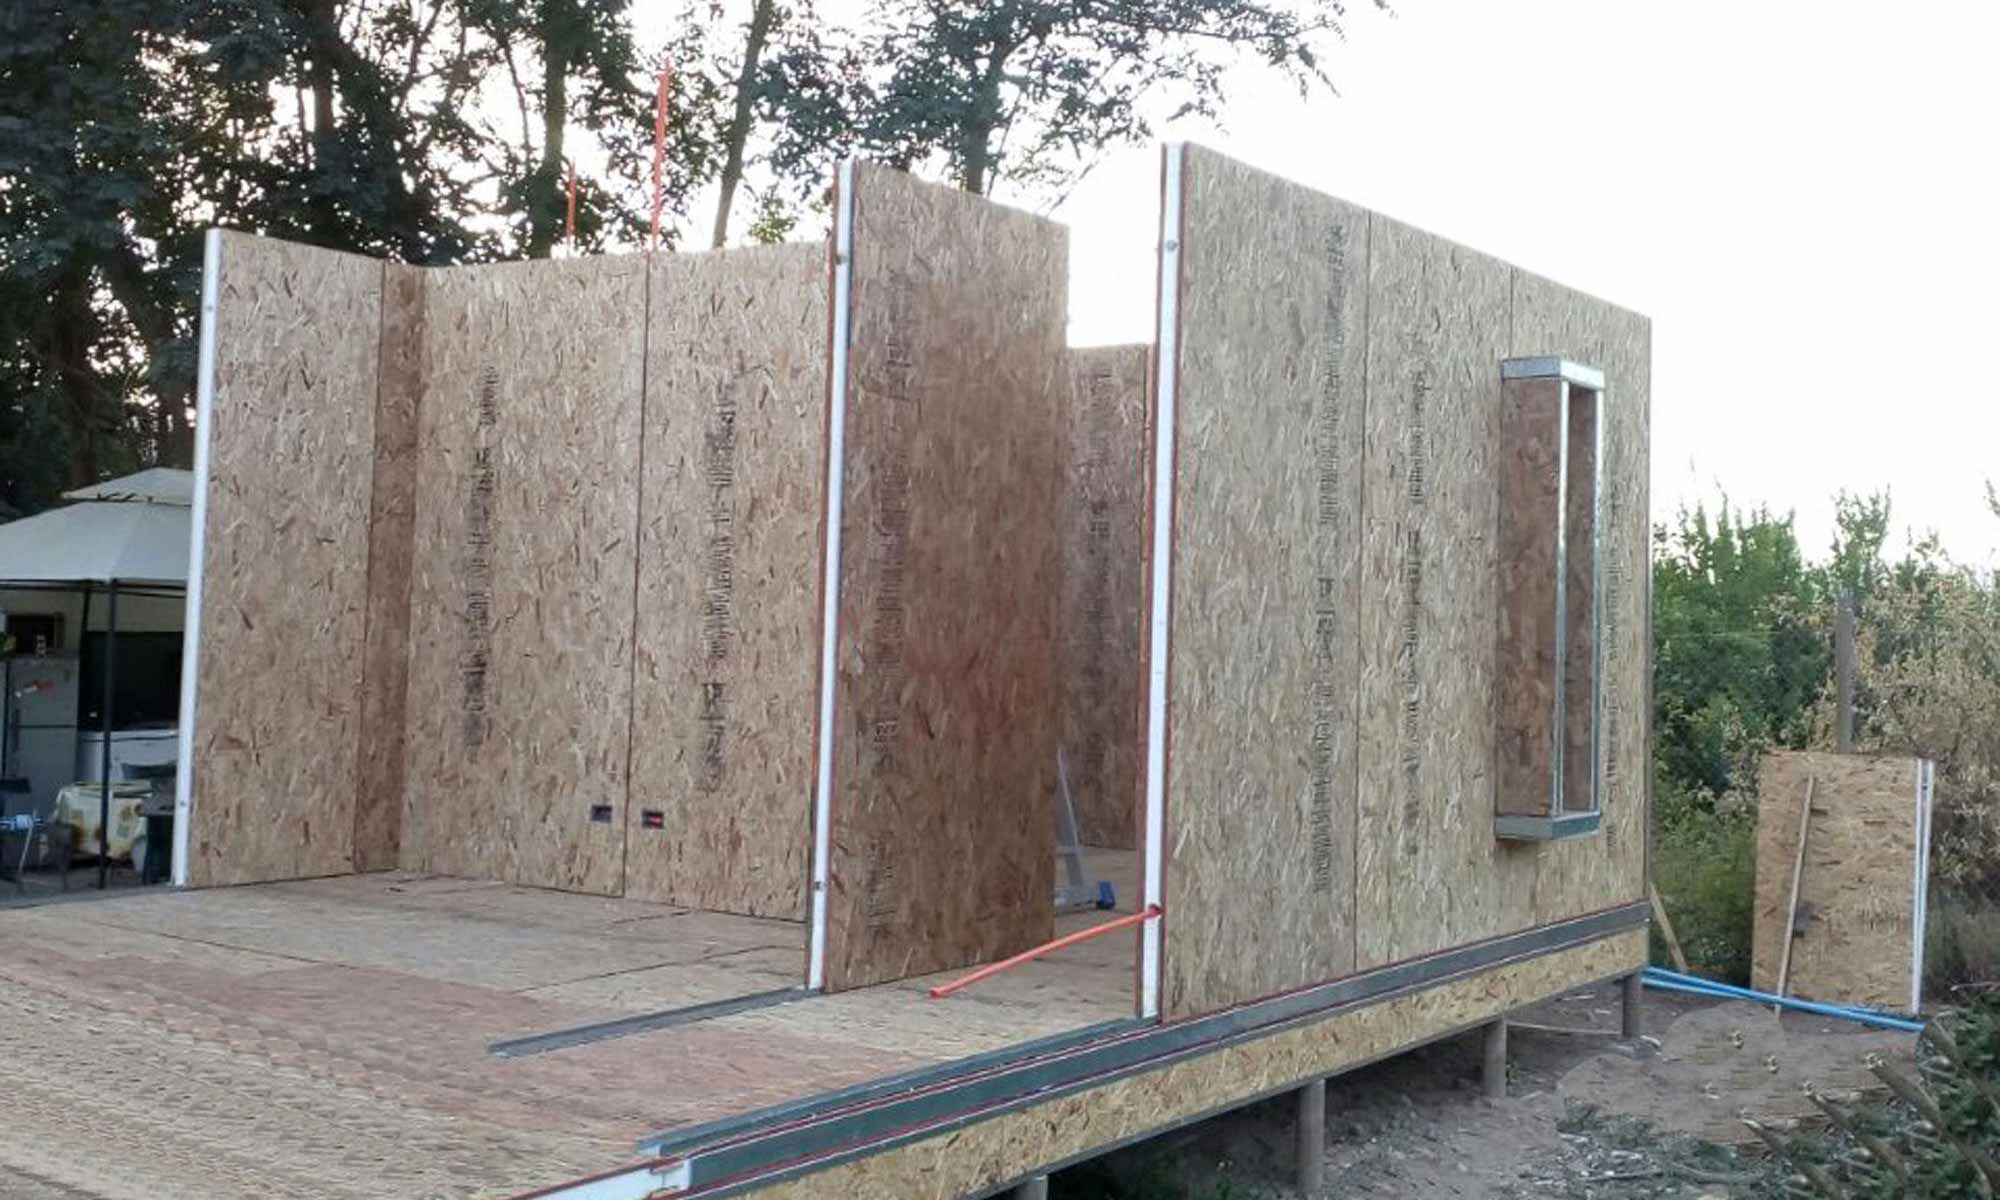 Casas Prefabricadas mediterráneas, energías solares, Con paneles sip, paneles solares, paneles fotovoltaicos. instalaciones construcción